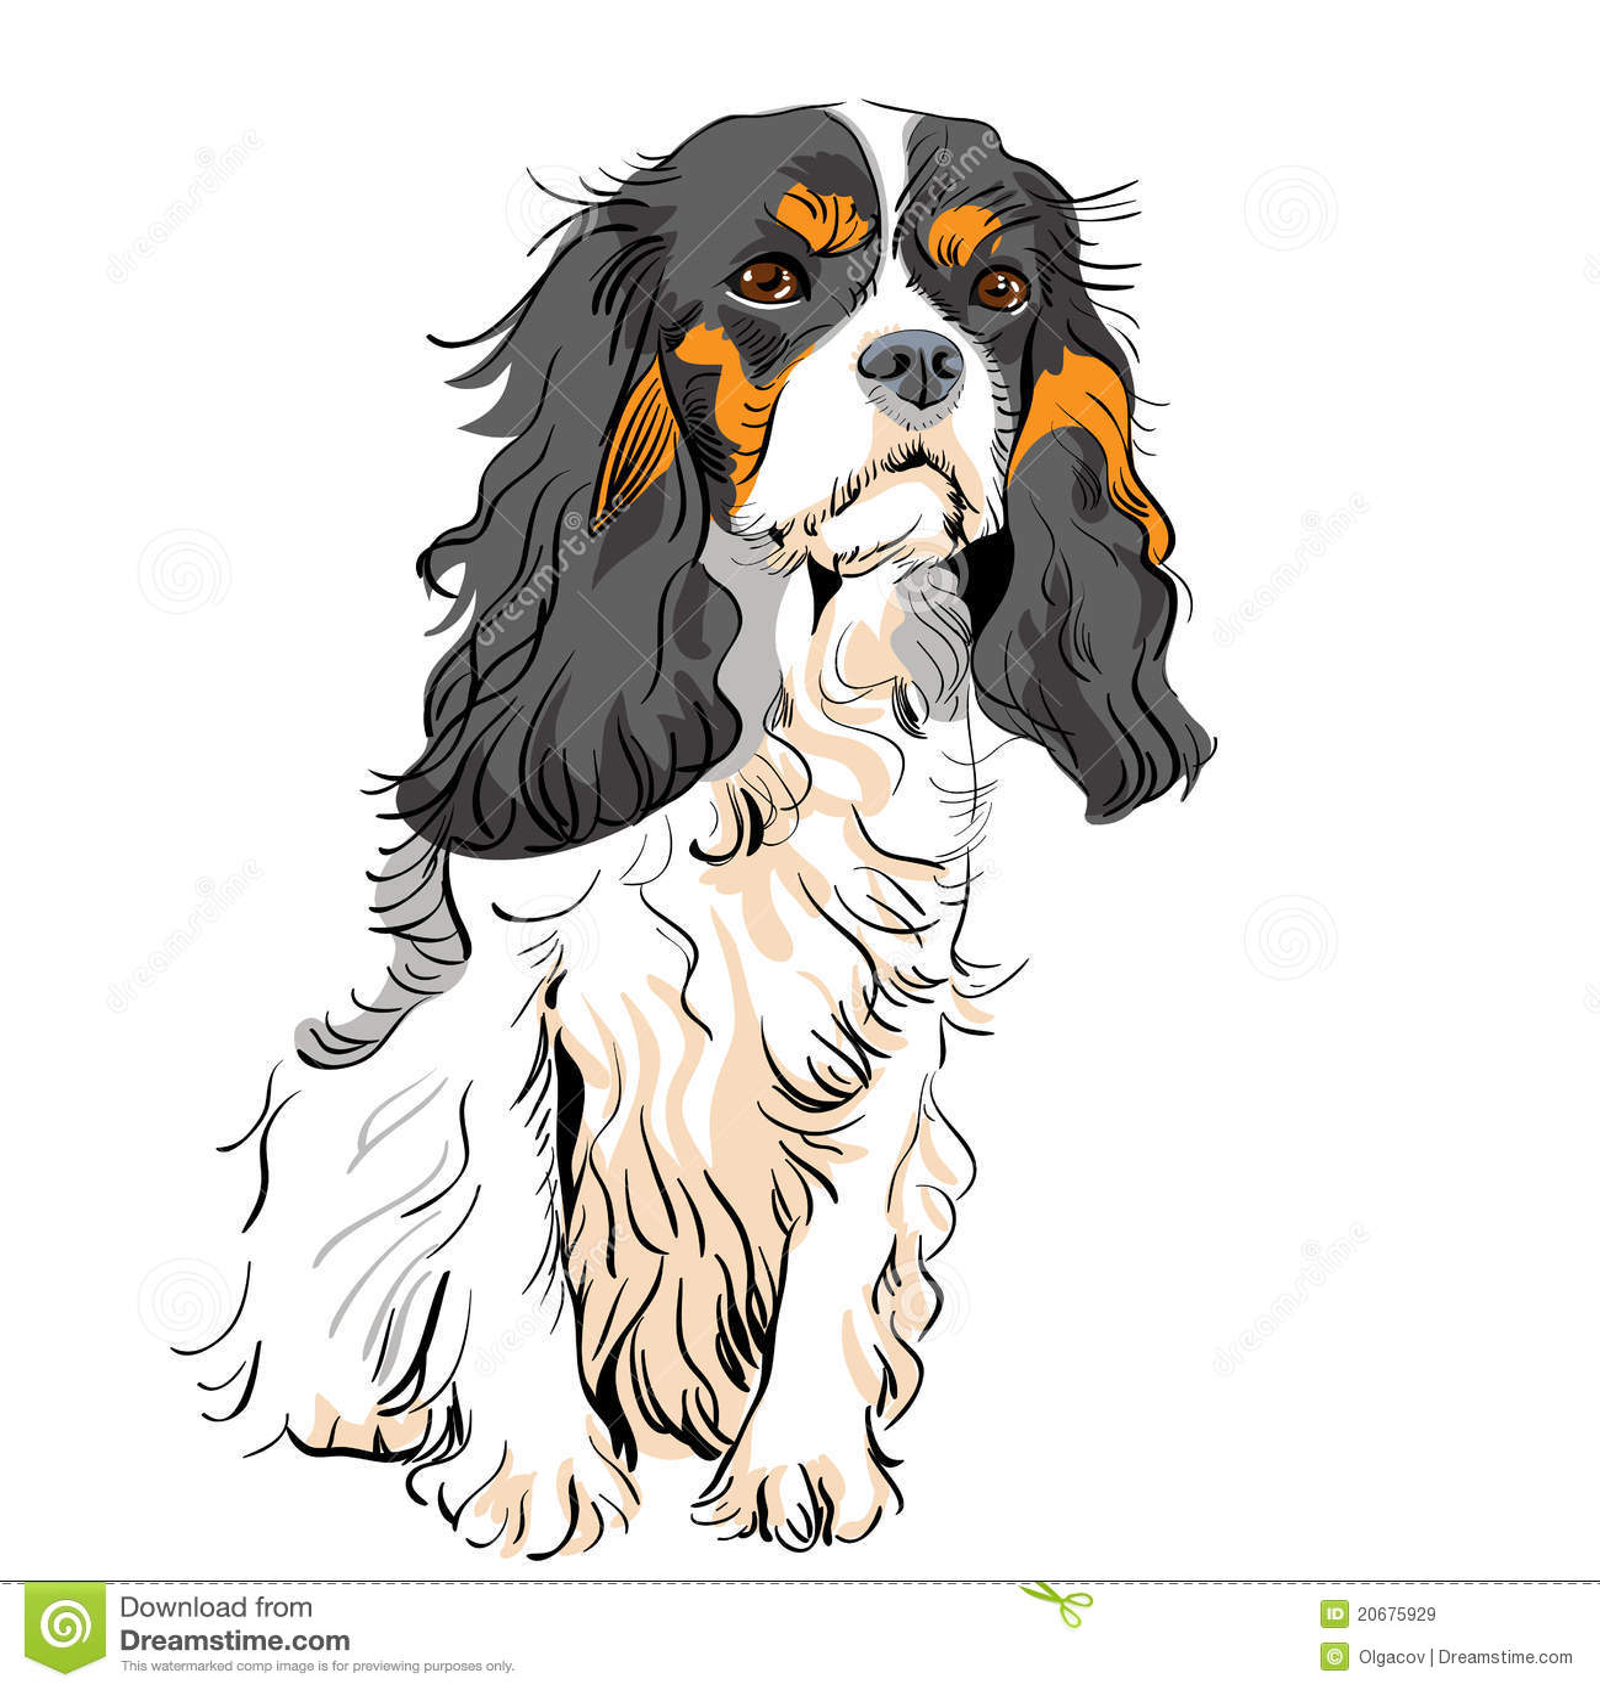 騎士查爾斯狗國王西班牙獵狗向量 免版稅庫存圖片 - 圖片: 20675929